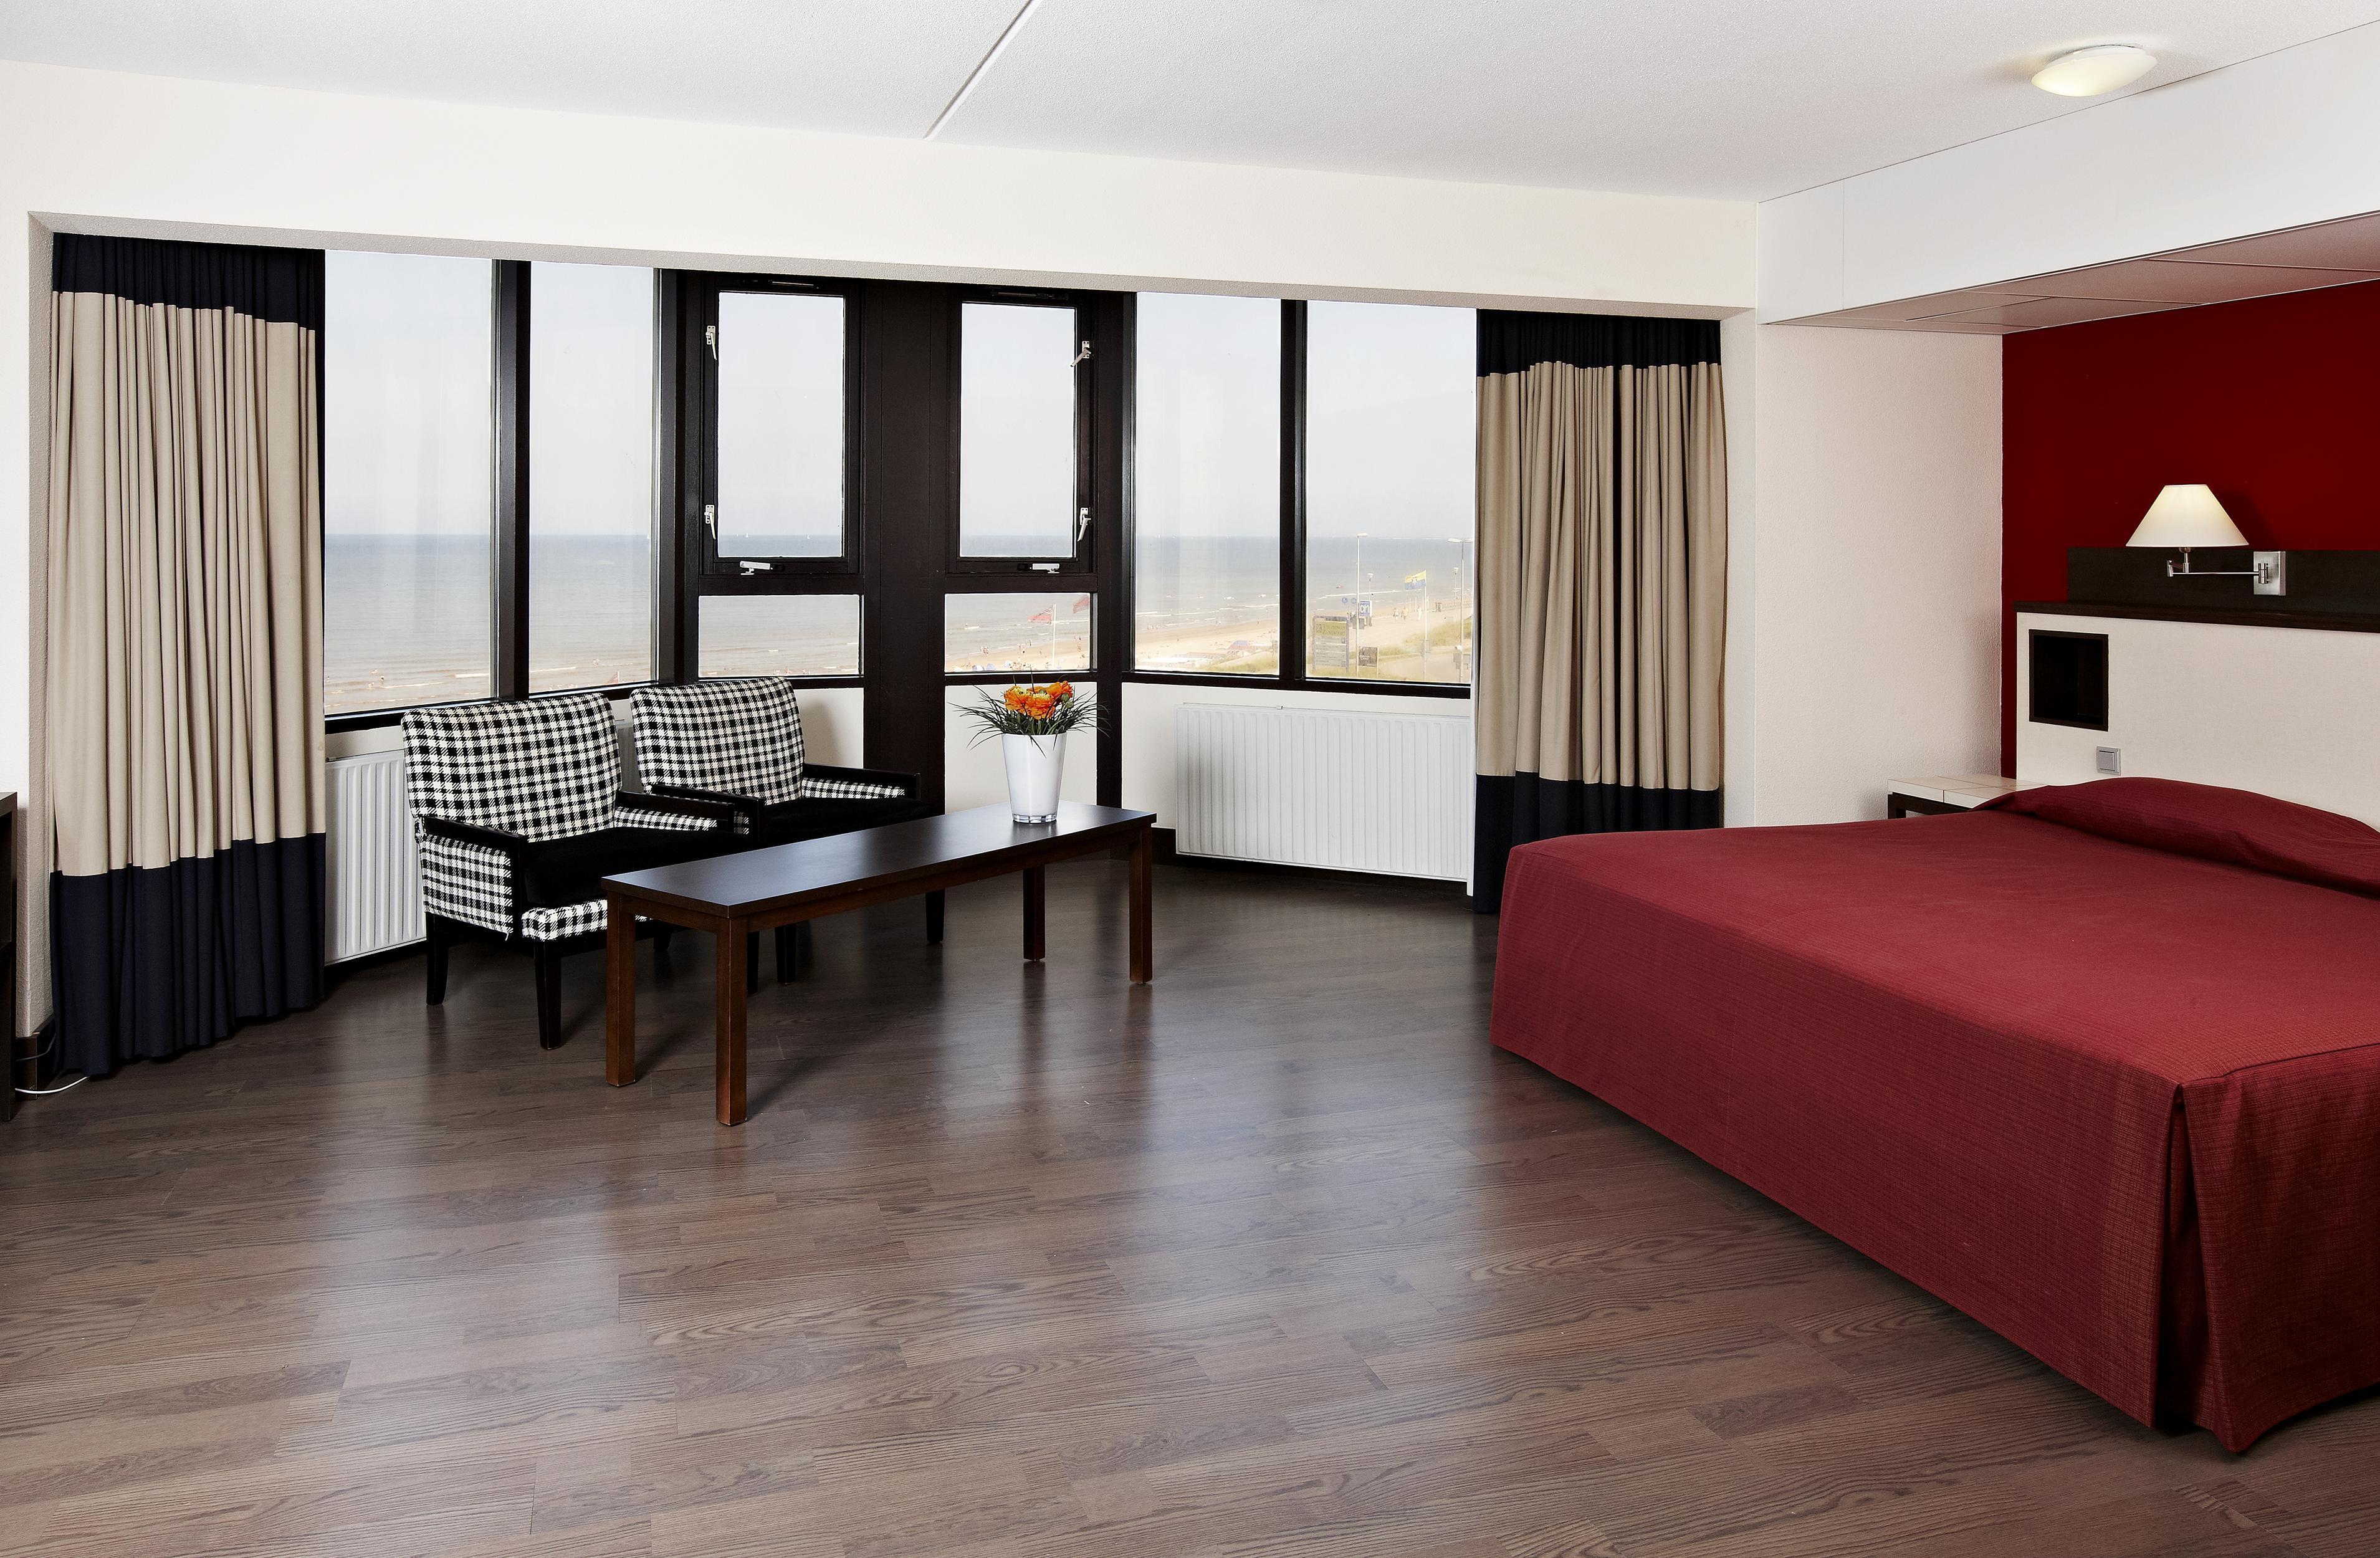 B&B Zandvoort Hotel - room photo 4918613